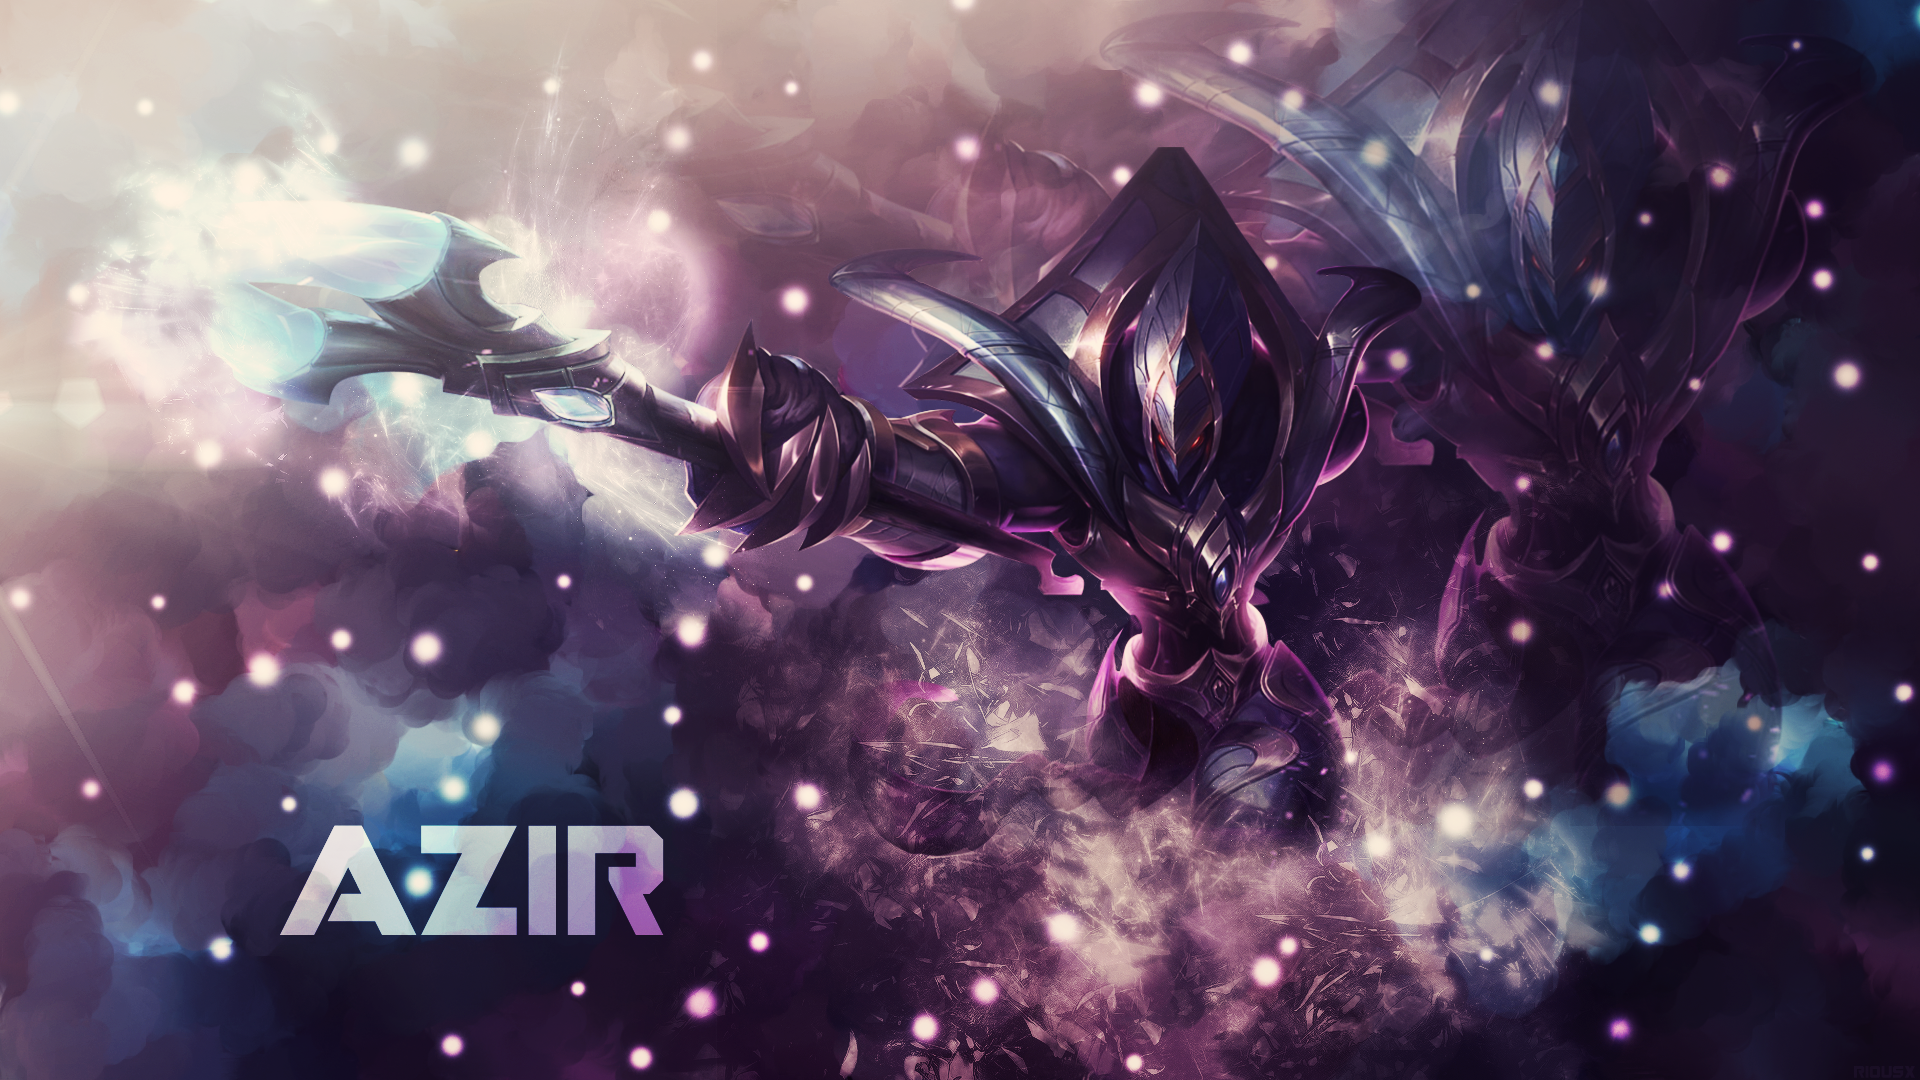 galactic_azir_by_riousx-d8guuxr